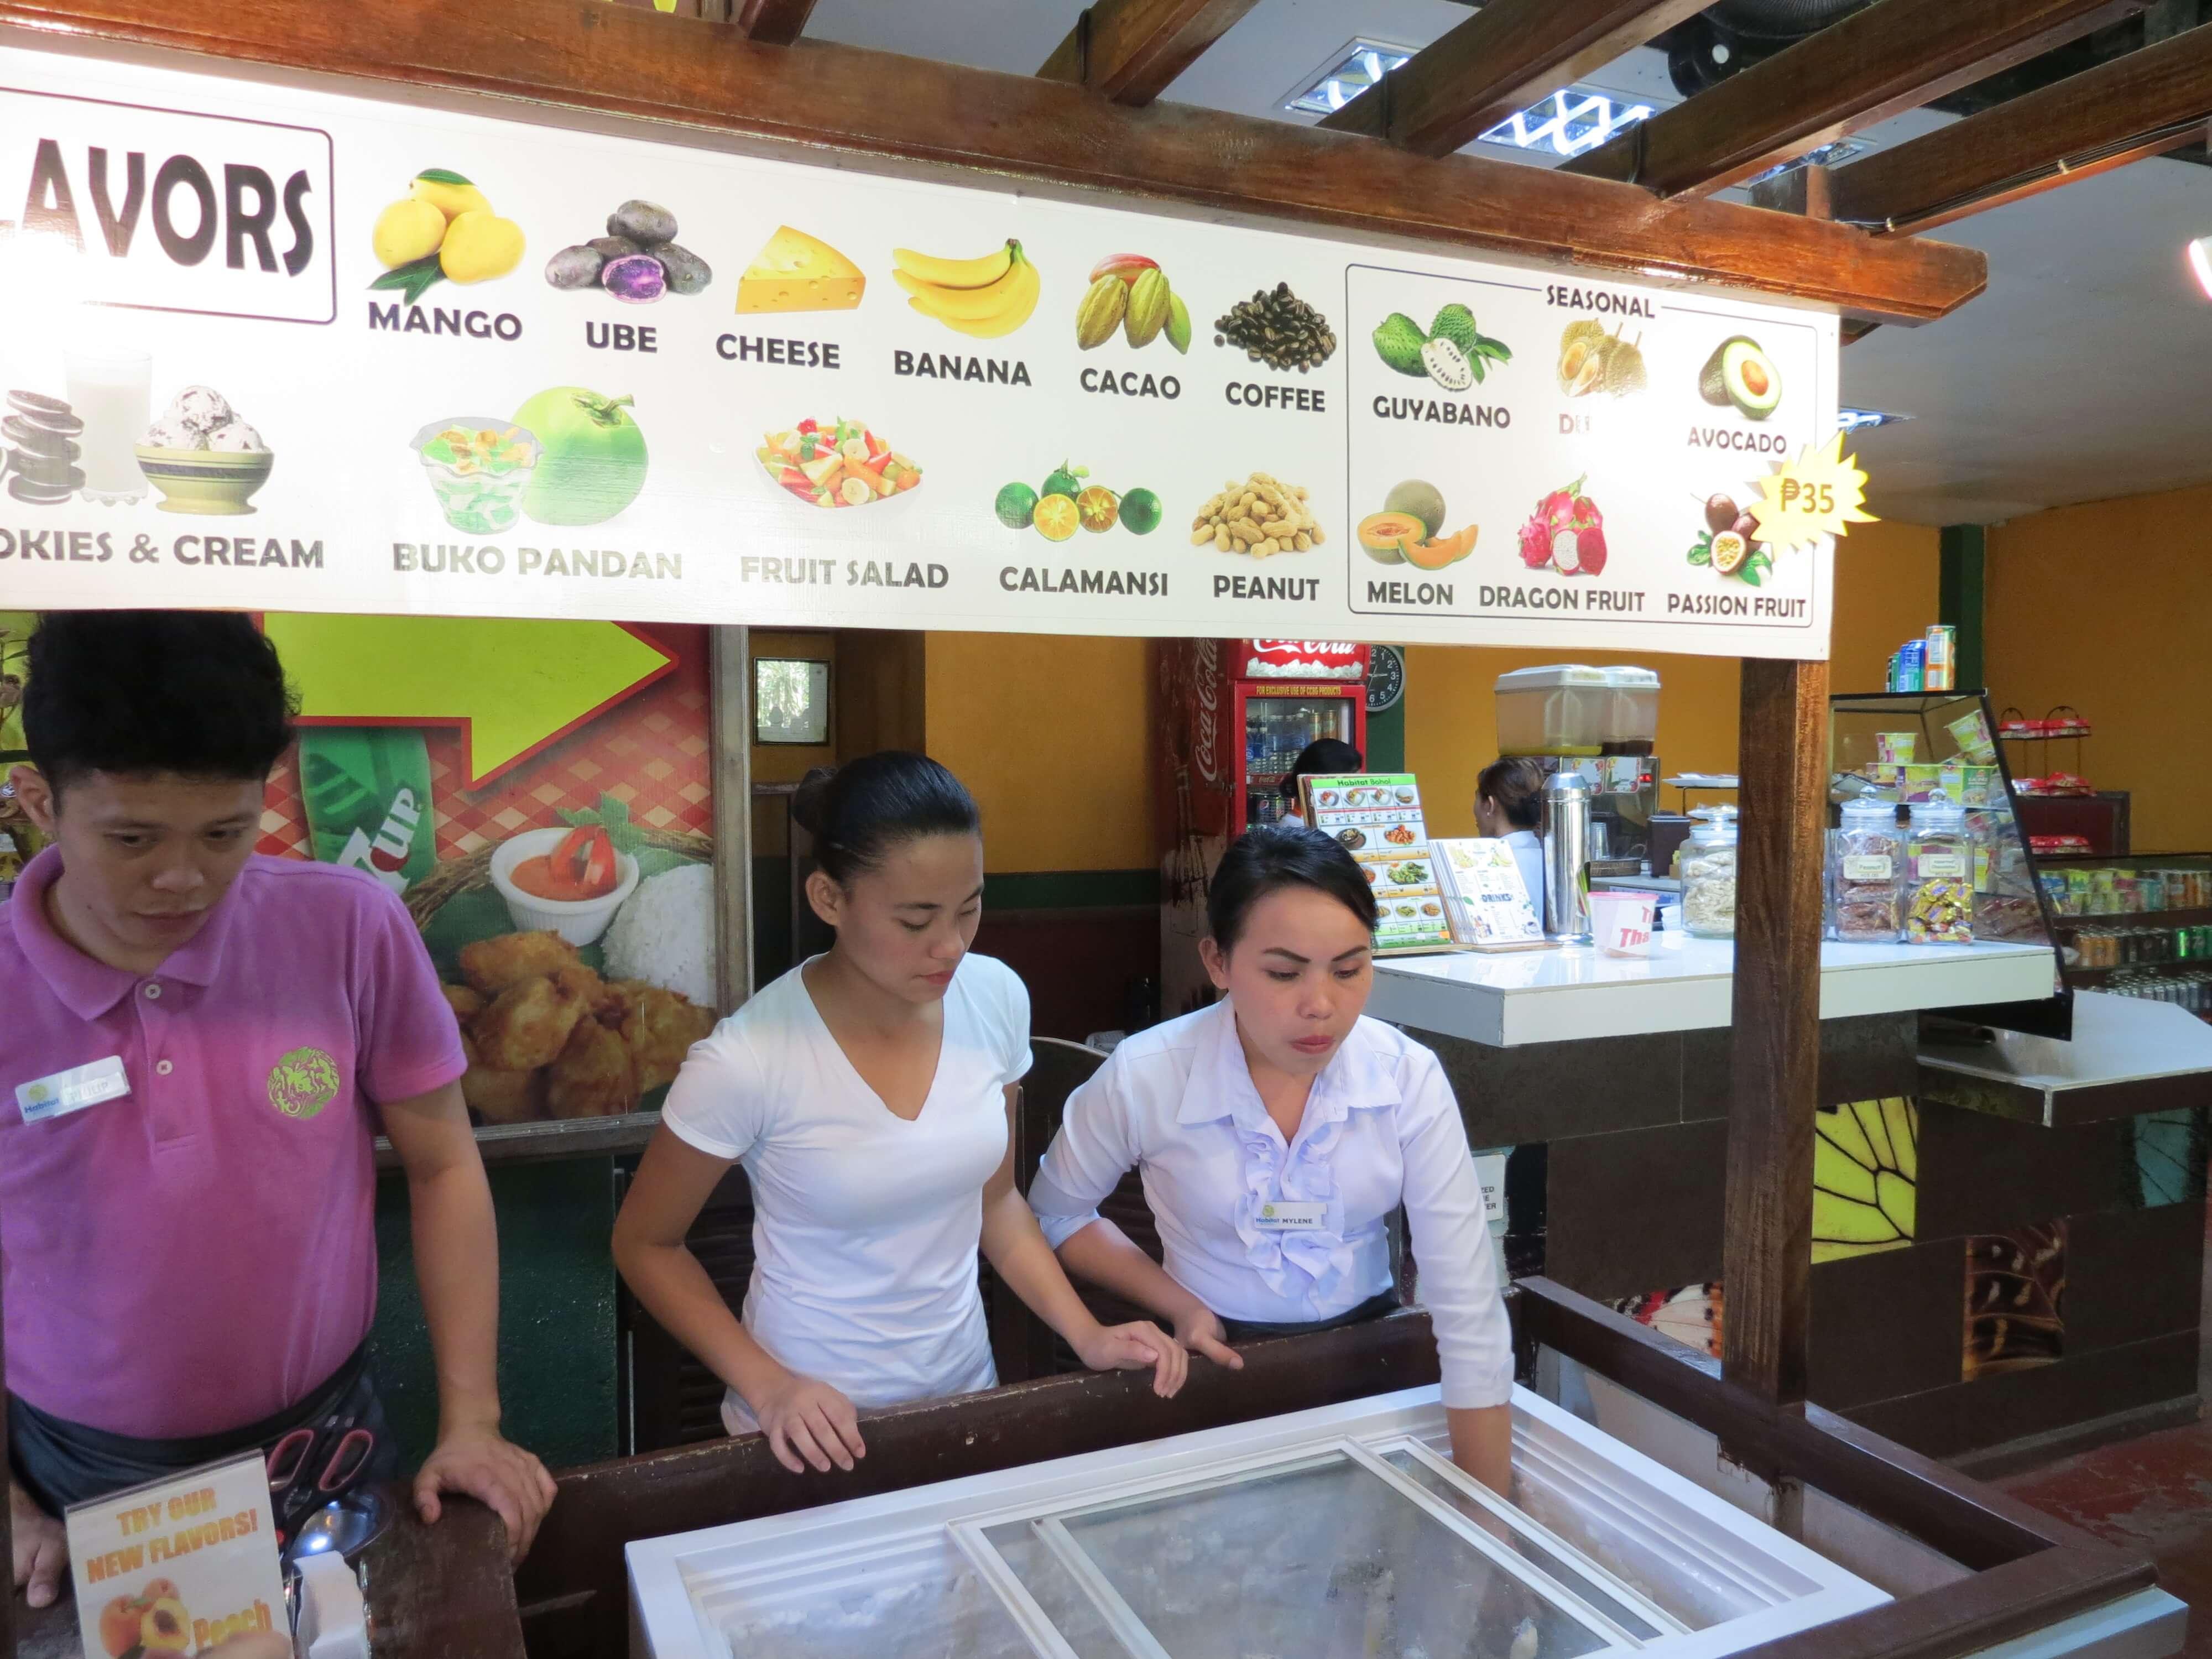 超好吃的冰棒!|The greatest snack in Bohol.